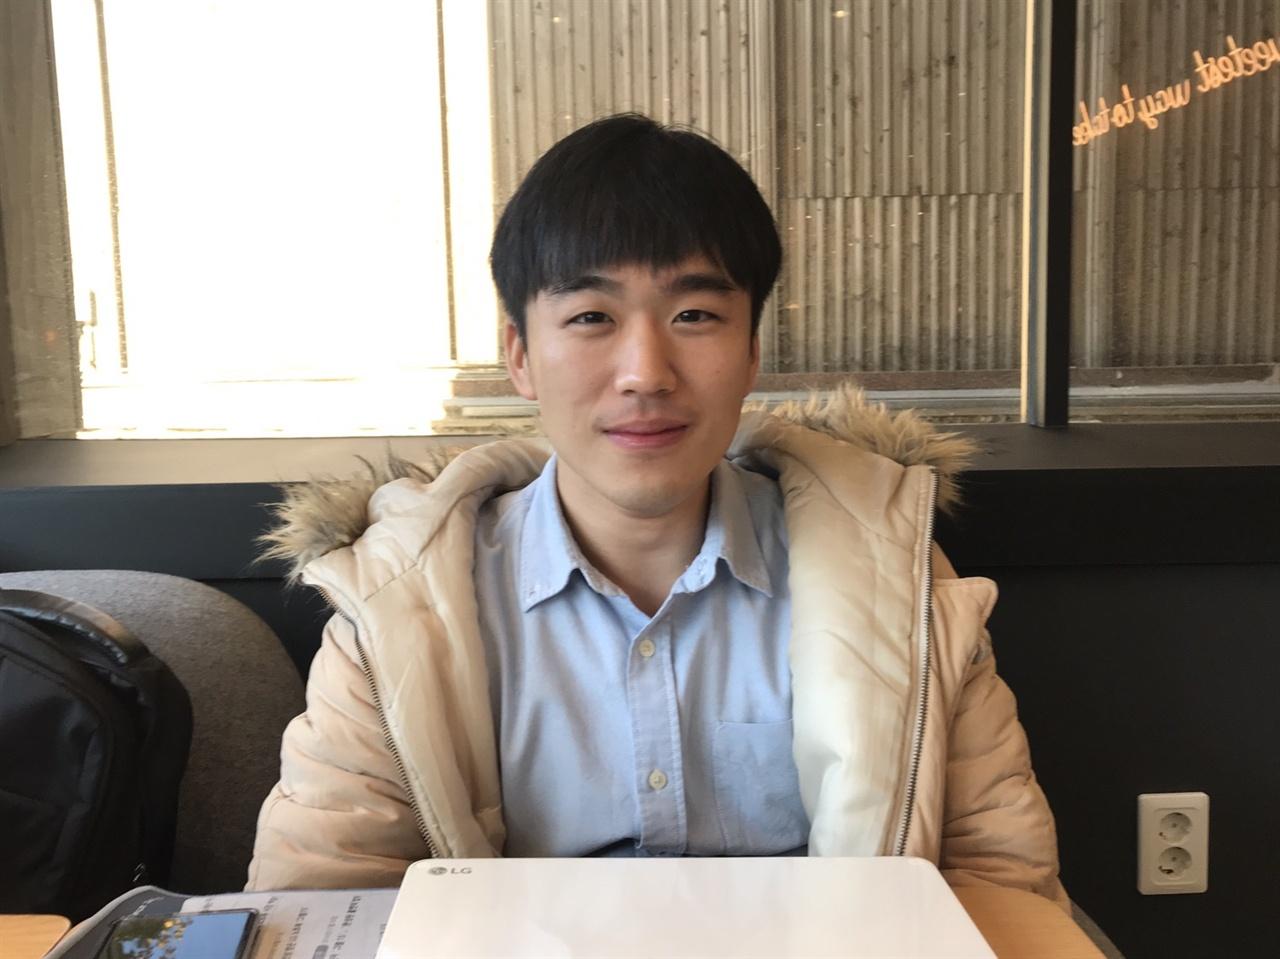 황희두 더불어민주당 총선기획단 위원